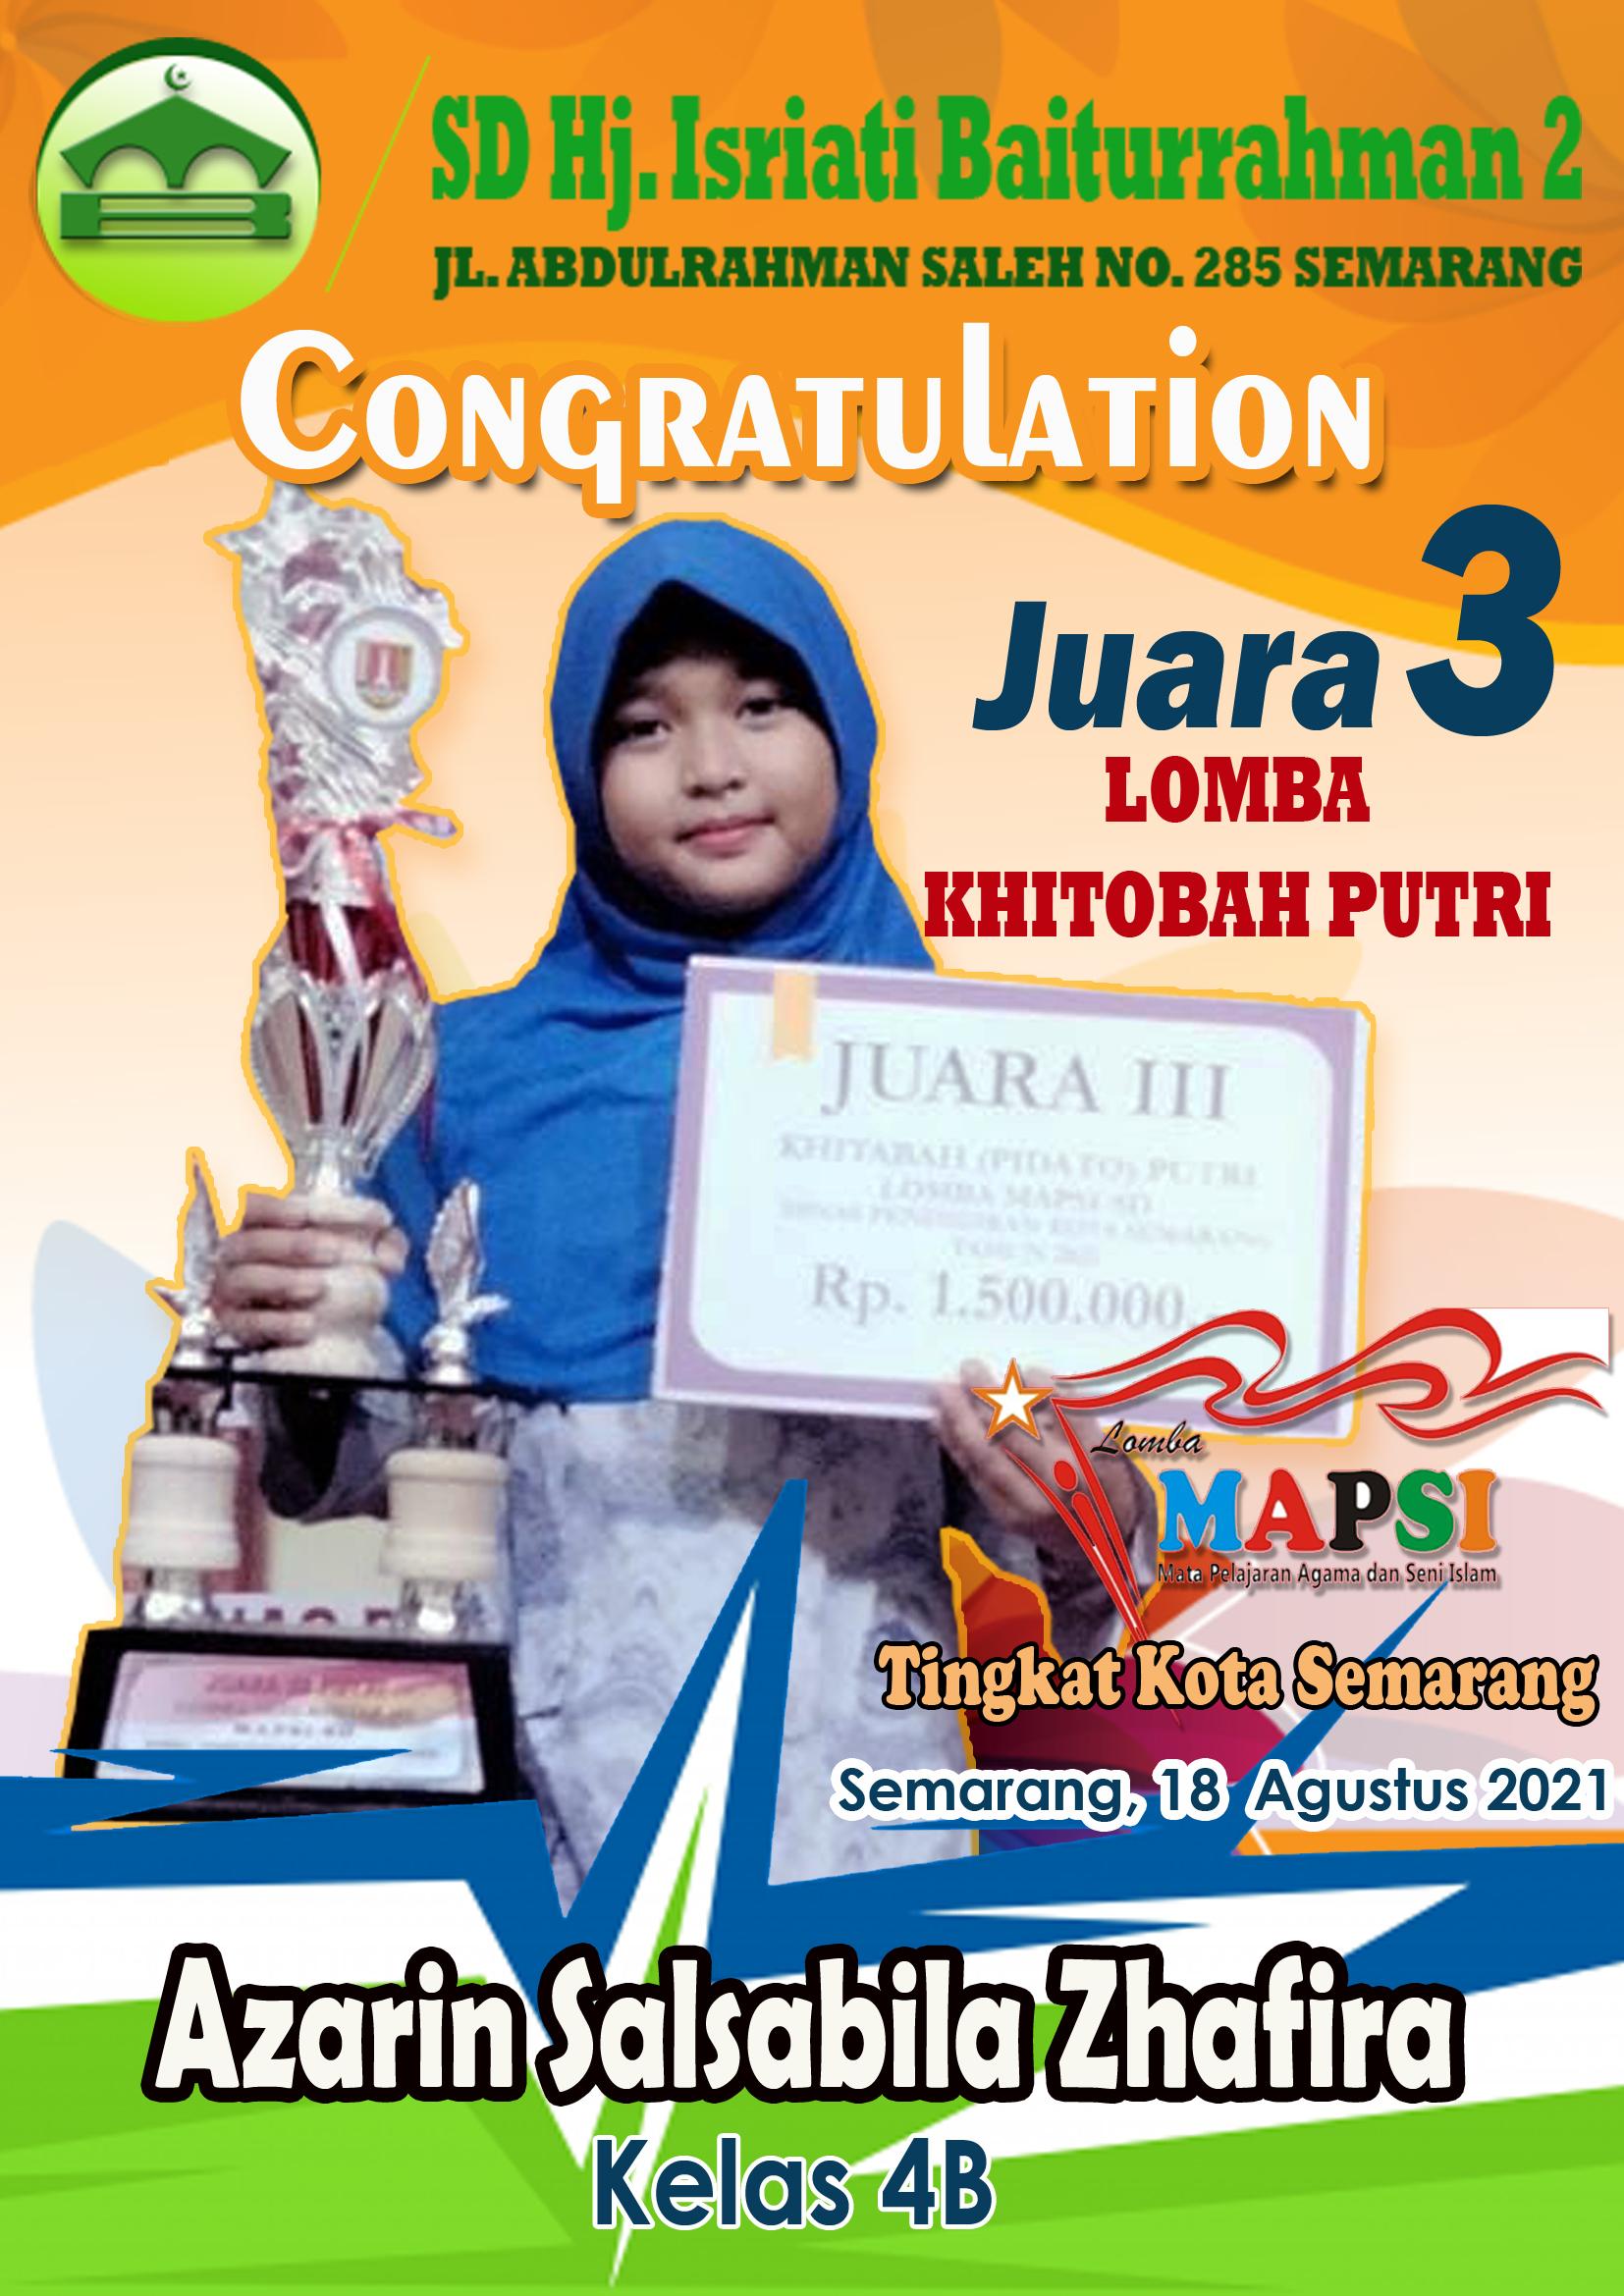 Juara III Lomba Khitobah Putri MAPSI Tk. Kota Semarang